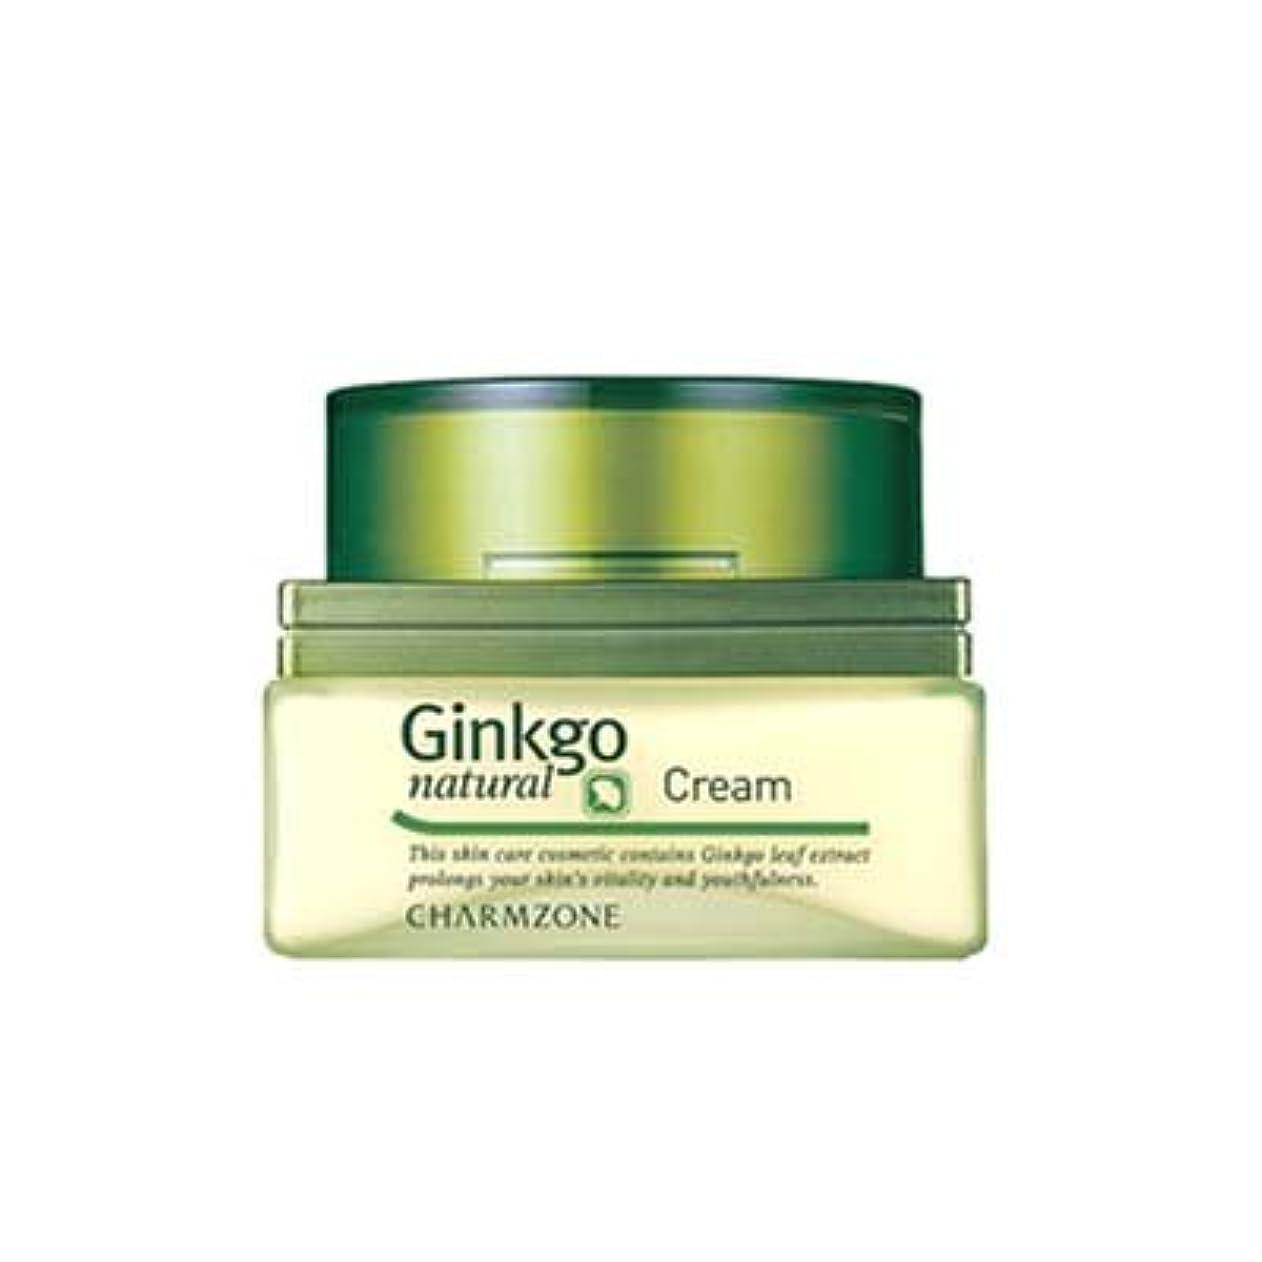 ラグキャラクター過度にチャームゾーン Ginkgo natural (ジンコナチュラル) クリーム 60ml